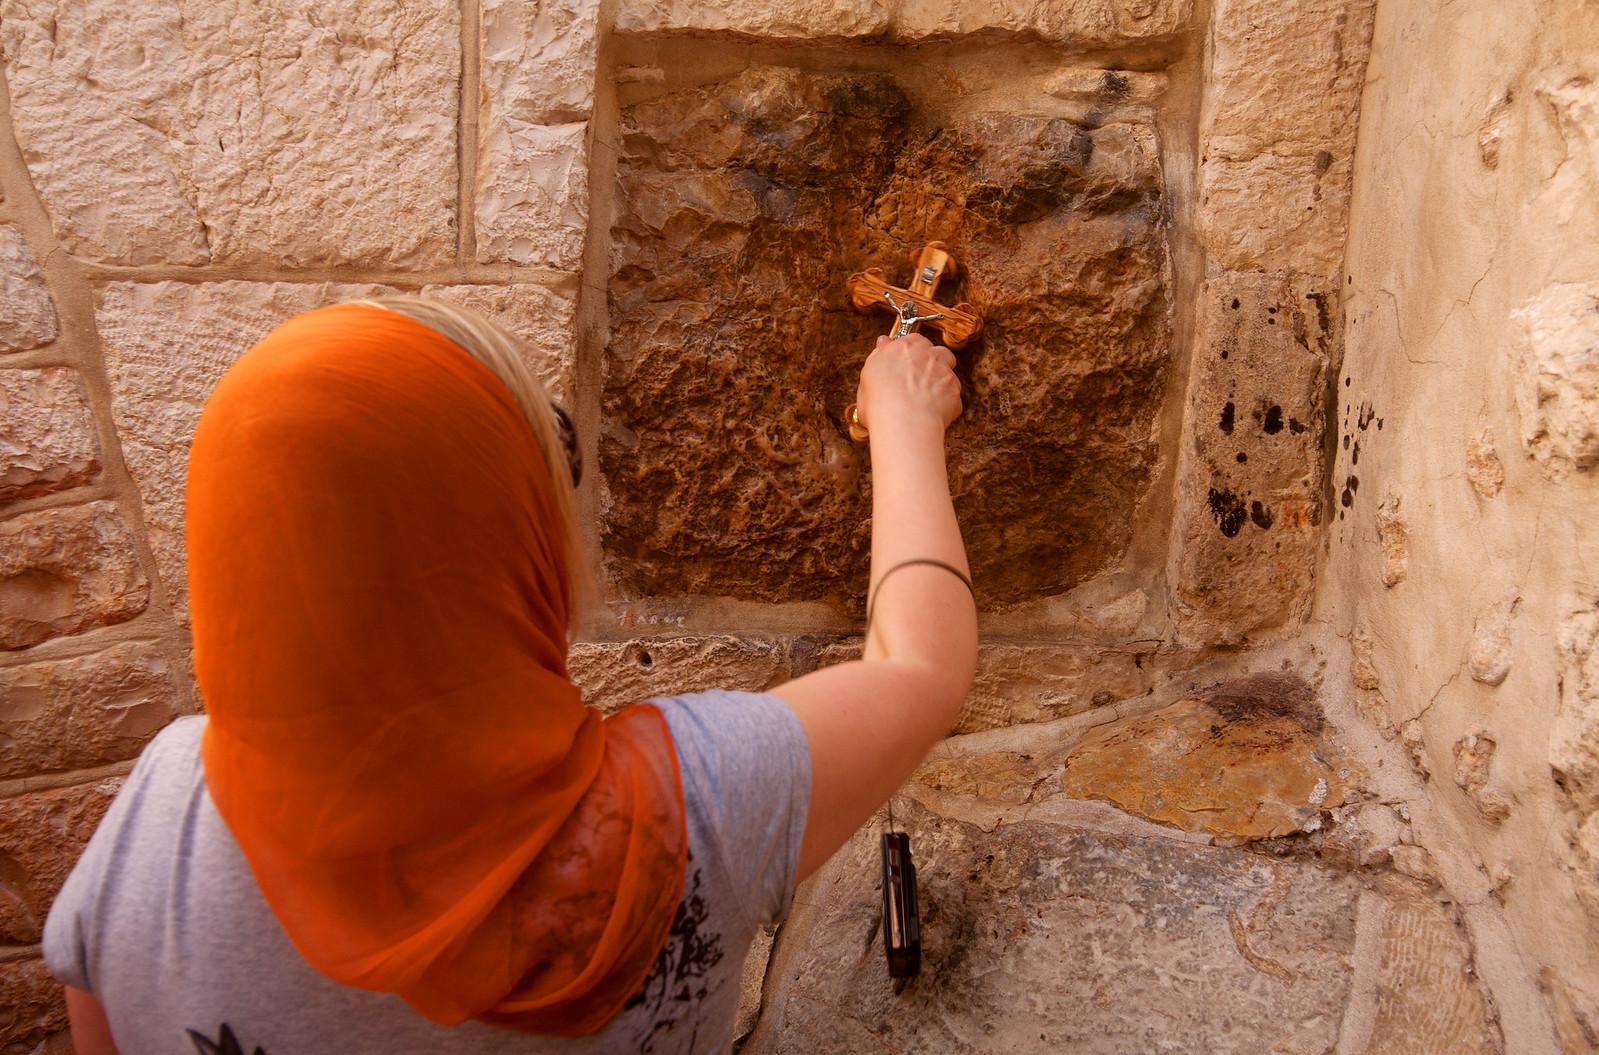 Jerusalem_Via Dolorosa_Station 5 (3)_Noam Chen_IMOT